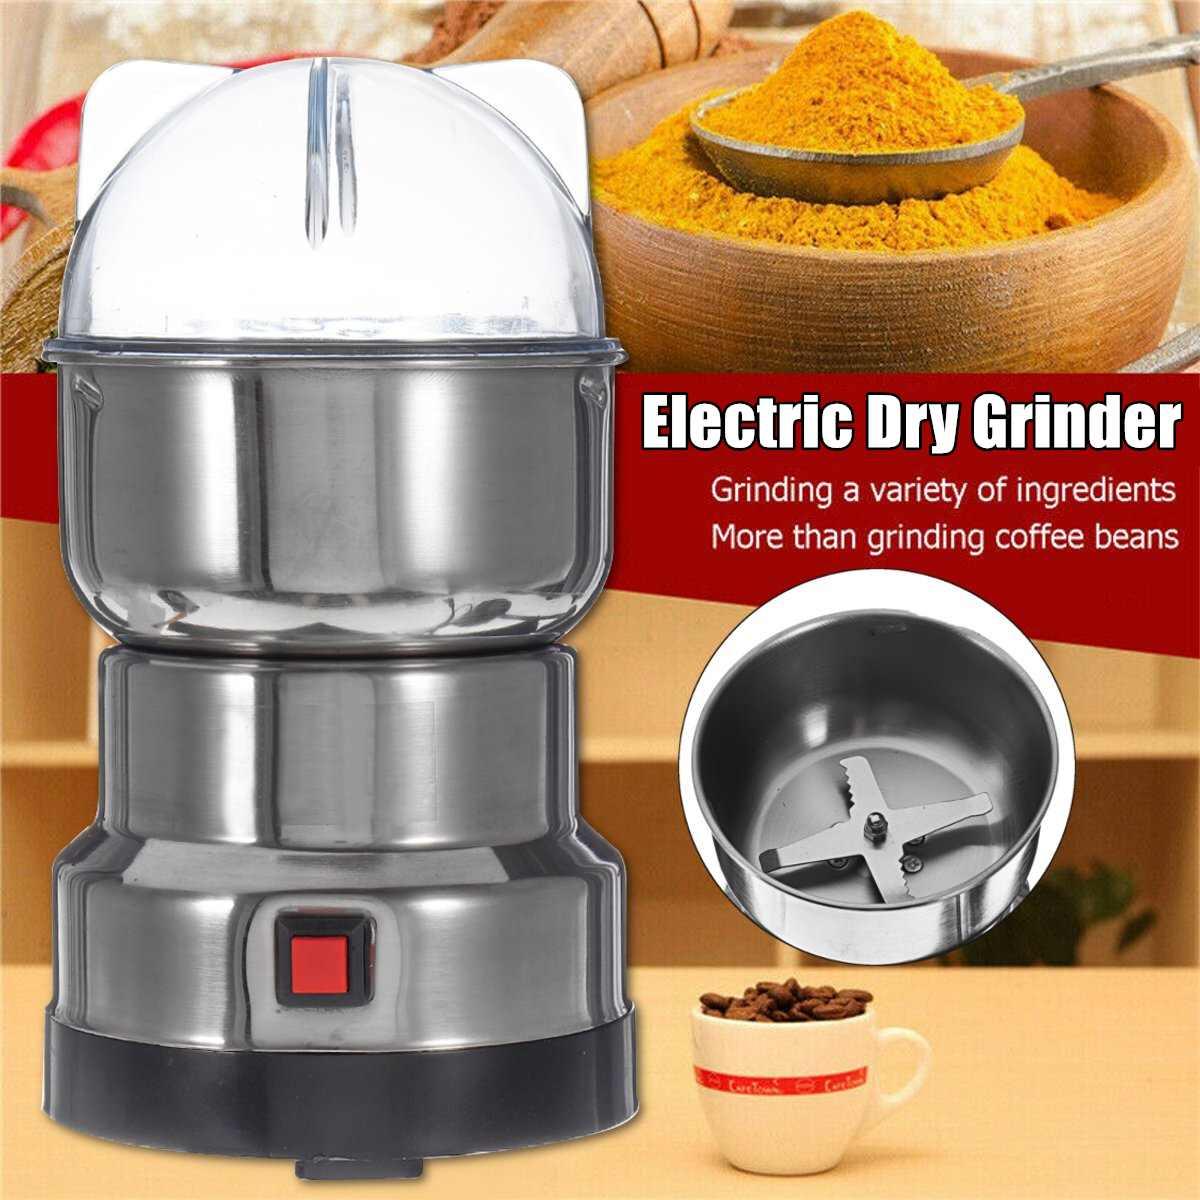 الكهربائية المطبخ الحبوب المكسرات الفول التوابل الحبوب ماكينة الطحن متعددة الوظائف المنزل القهوة طاحونة آلة مطاحن قهوة